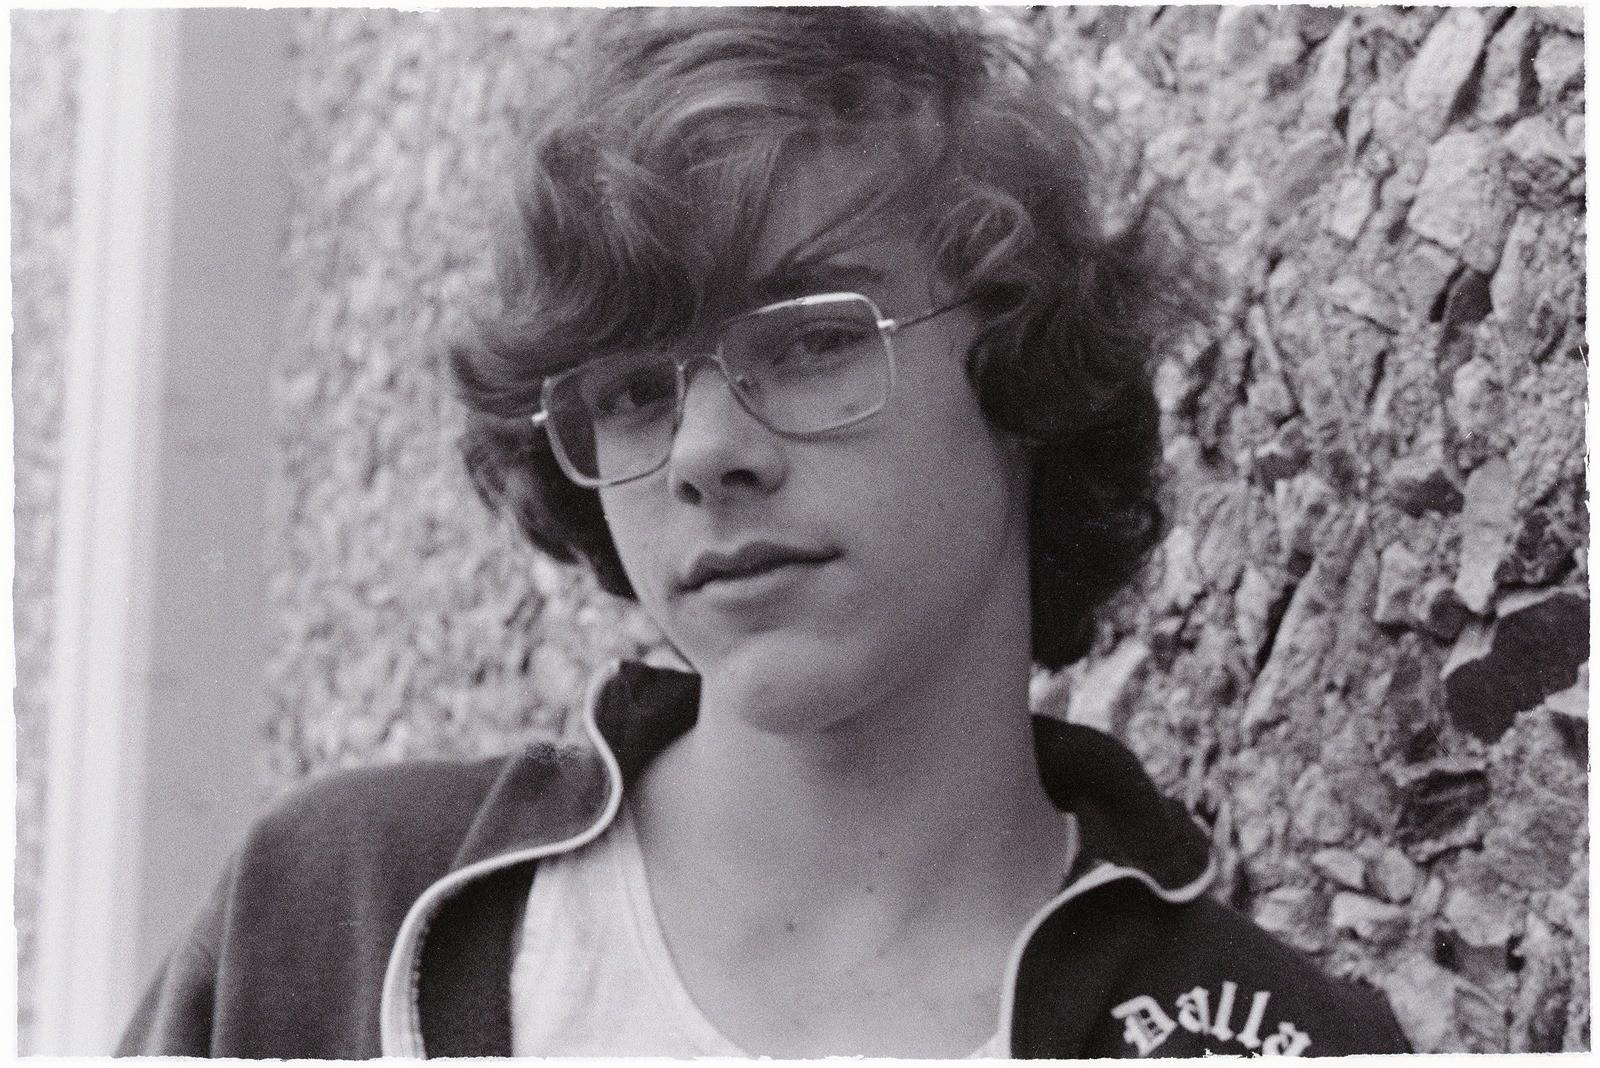 Derrel_1977.jpg